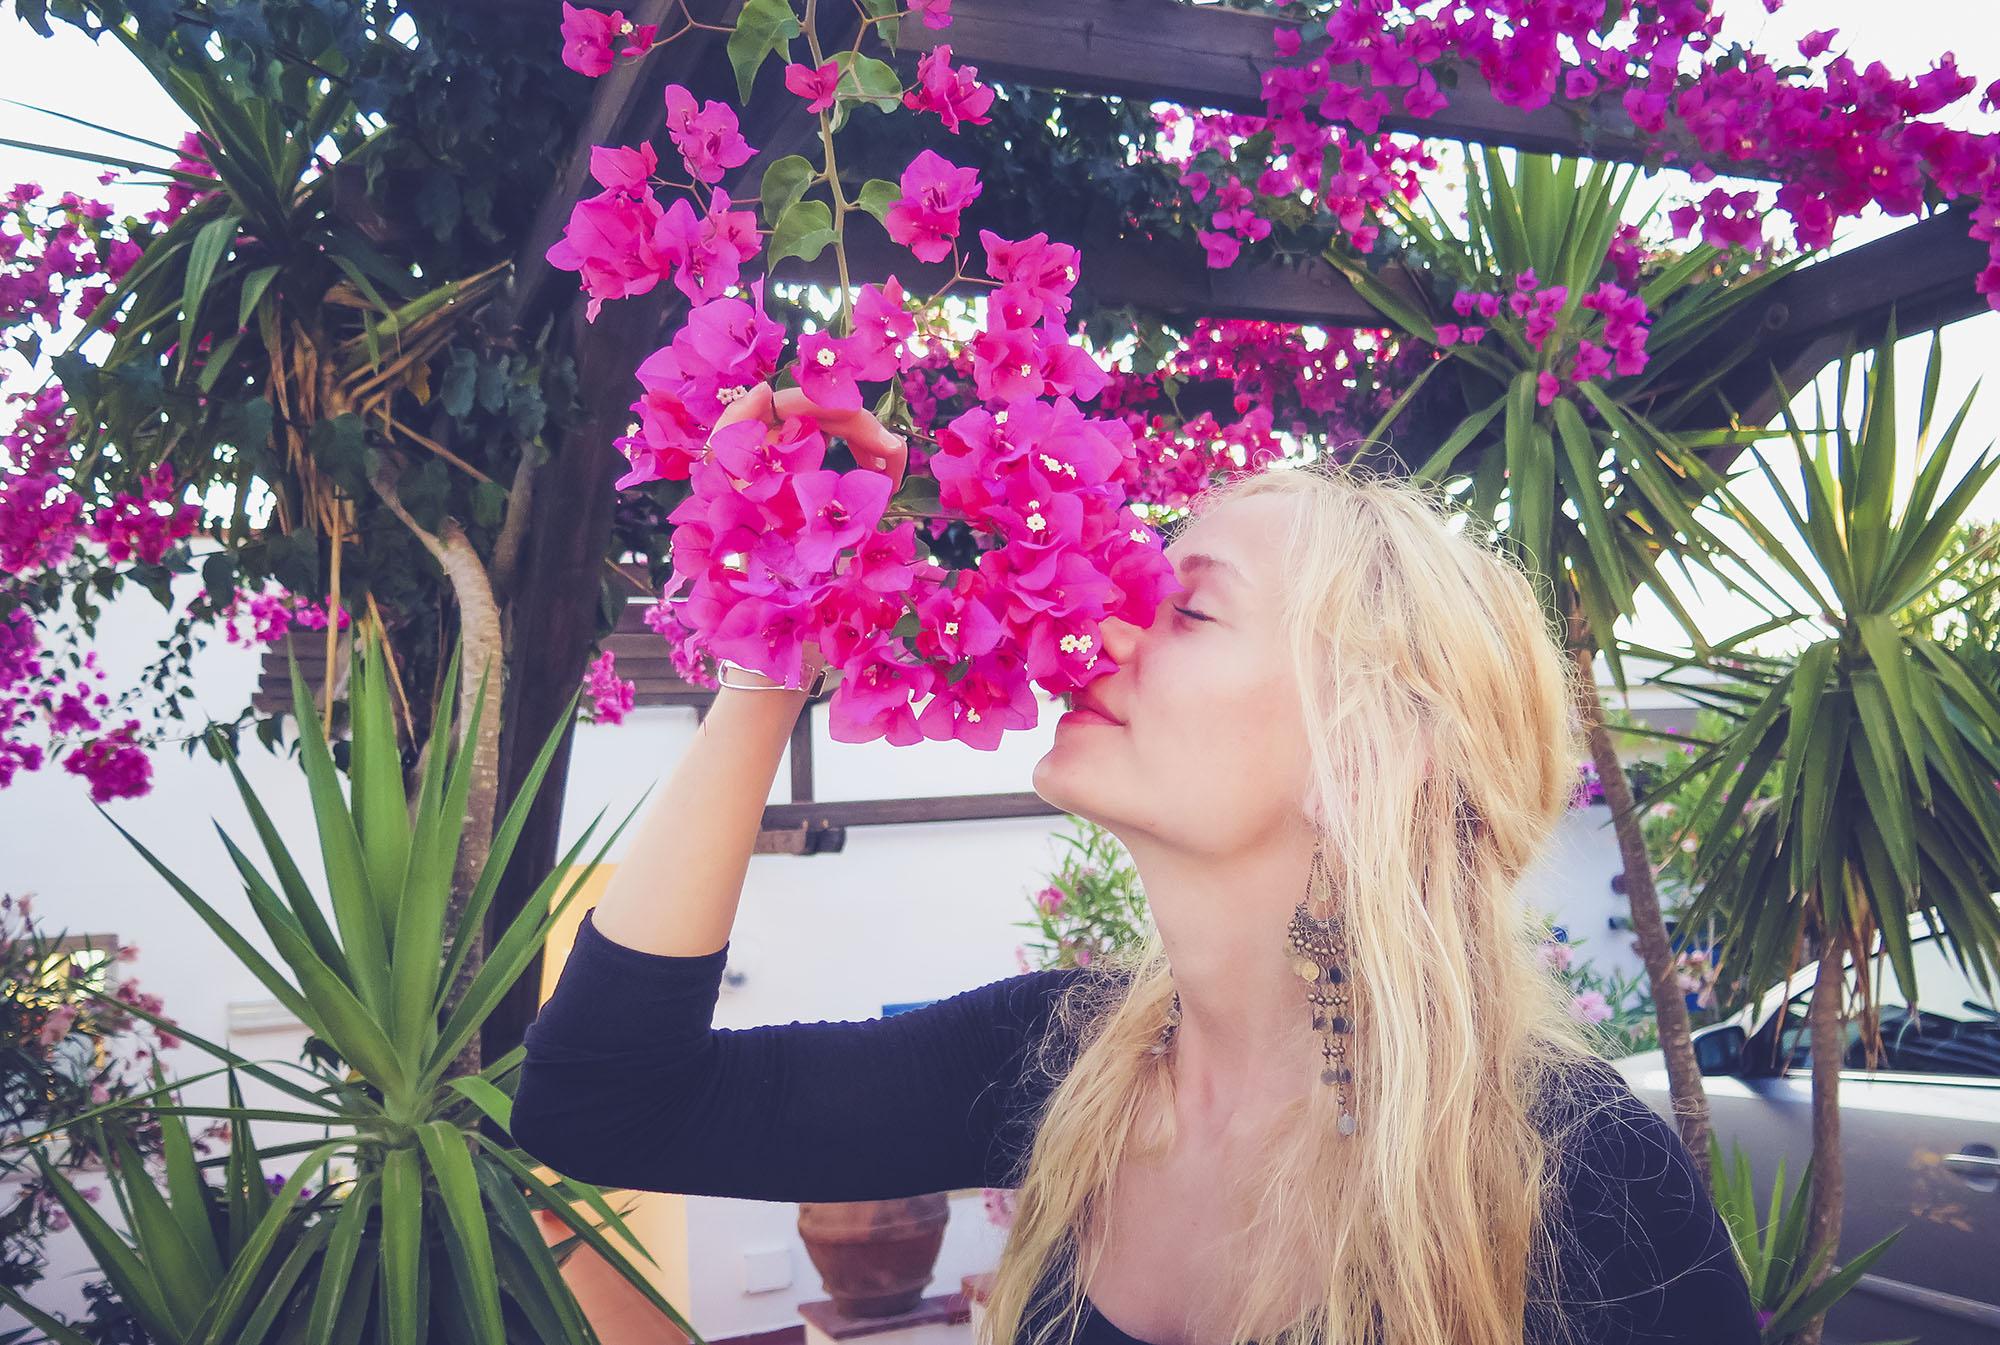 Överallt finns det vackra blommor och jag önskar så att alla de här stora, vackra buskarna med blommor i olika färger gick att ha i Grundtjärn. Men jag gissar på att de inte trivs i det klimatet. Annars skulle jag sätta igång att plantera på en gång.